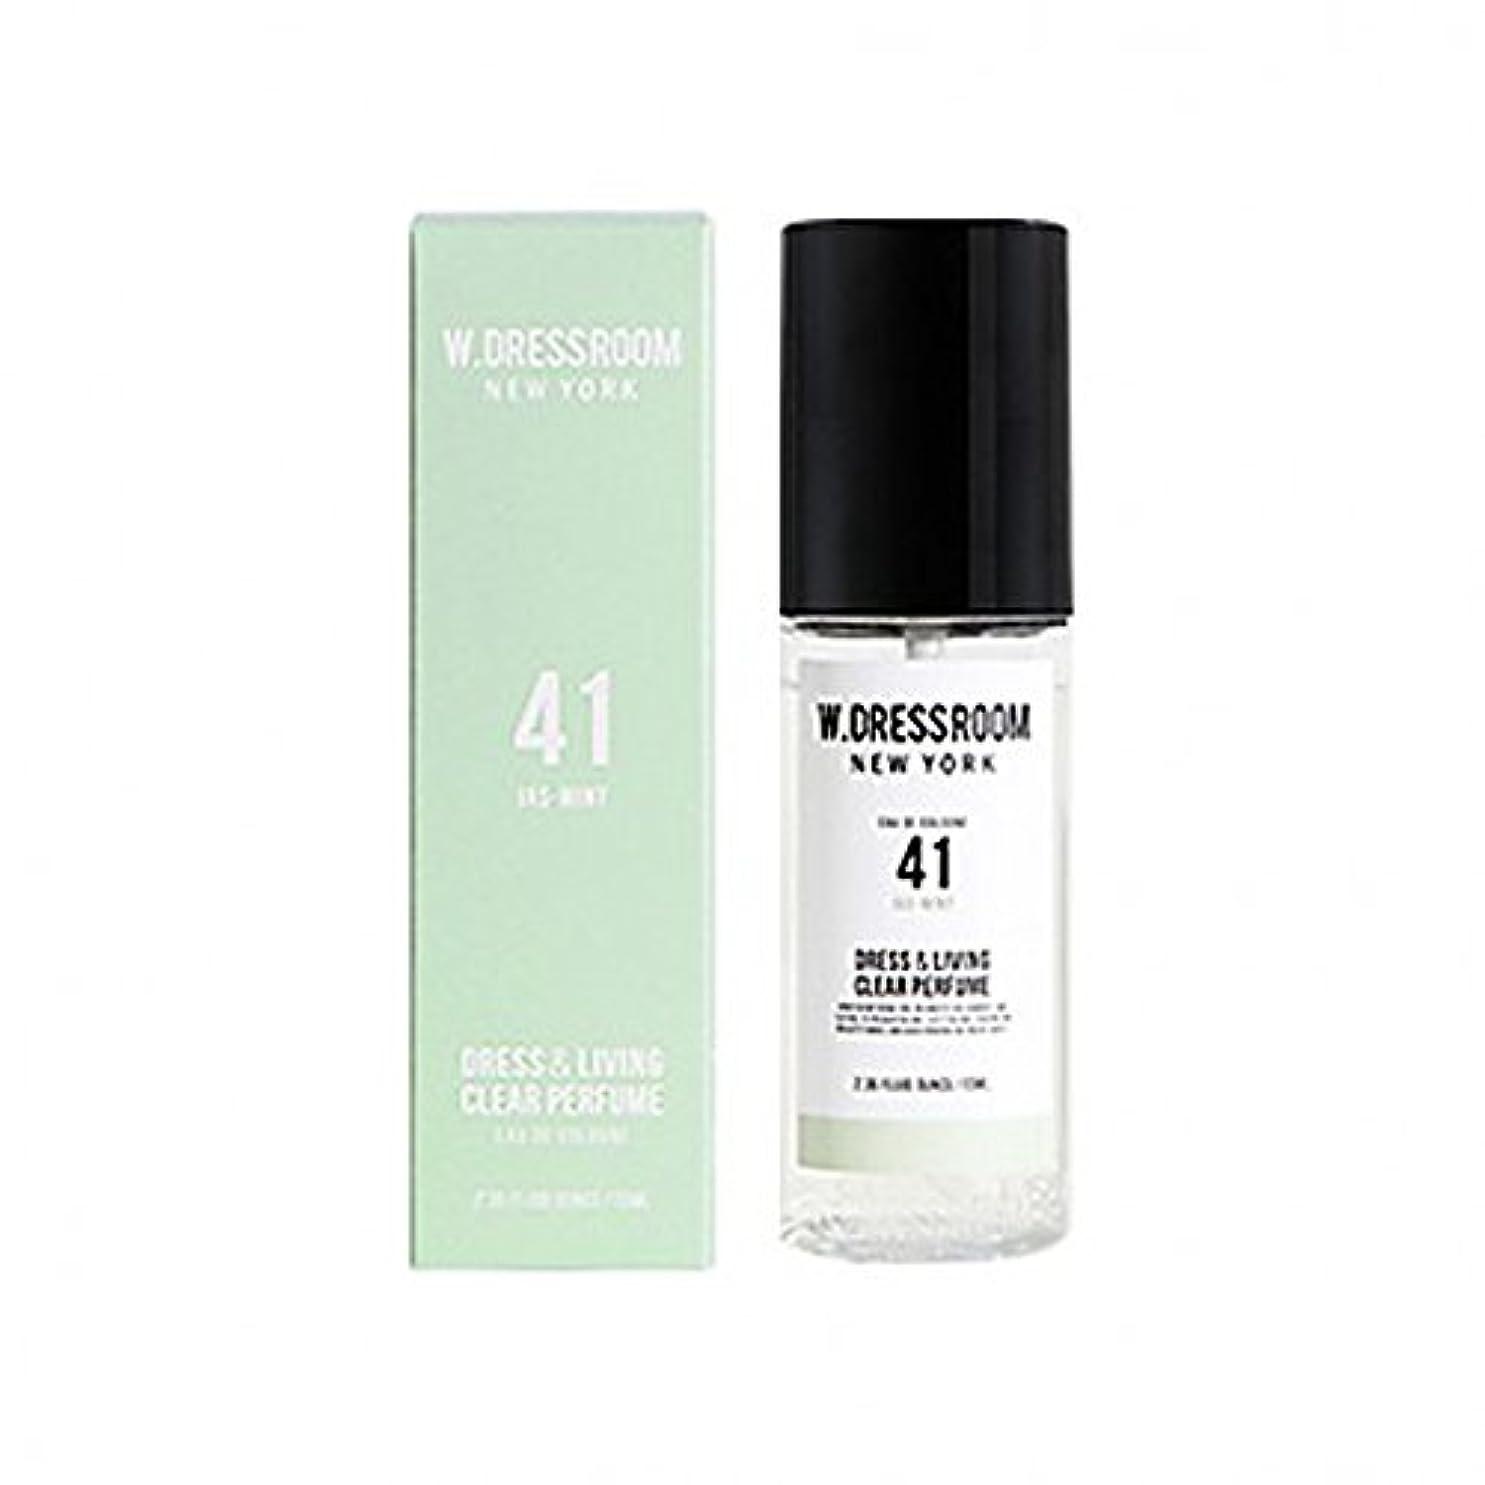 ポータブル弱まる裸W.DRESSROOM Dress & Living Clear Perfume fragrance 70ml (#No.41 Jas-Mint)/ダブルドレスルーム ドレス&リビング クリア パフューム 70ml (#...